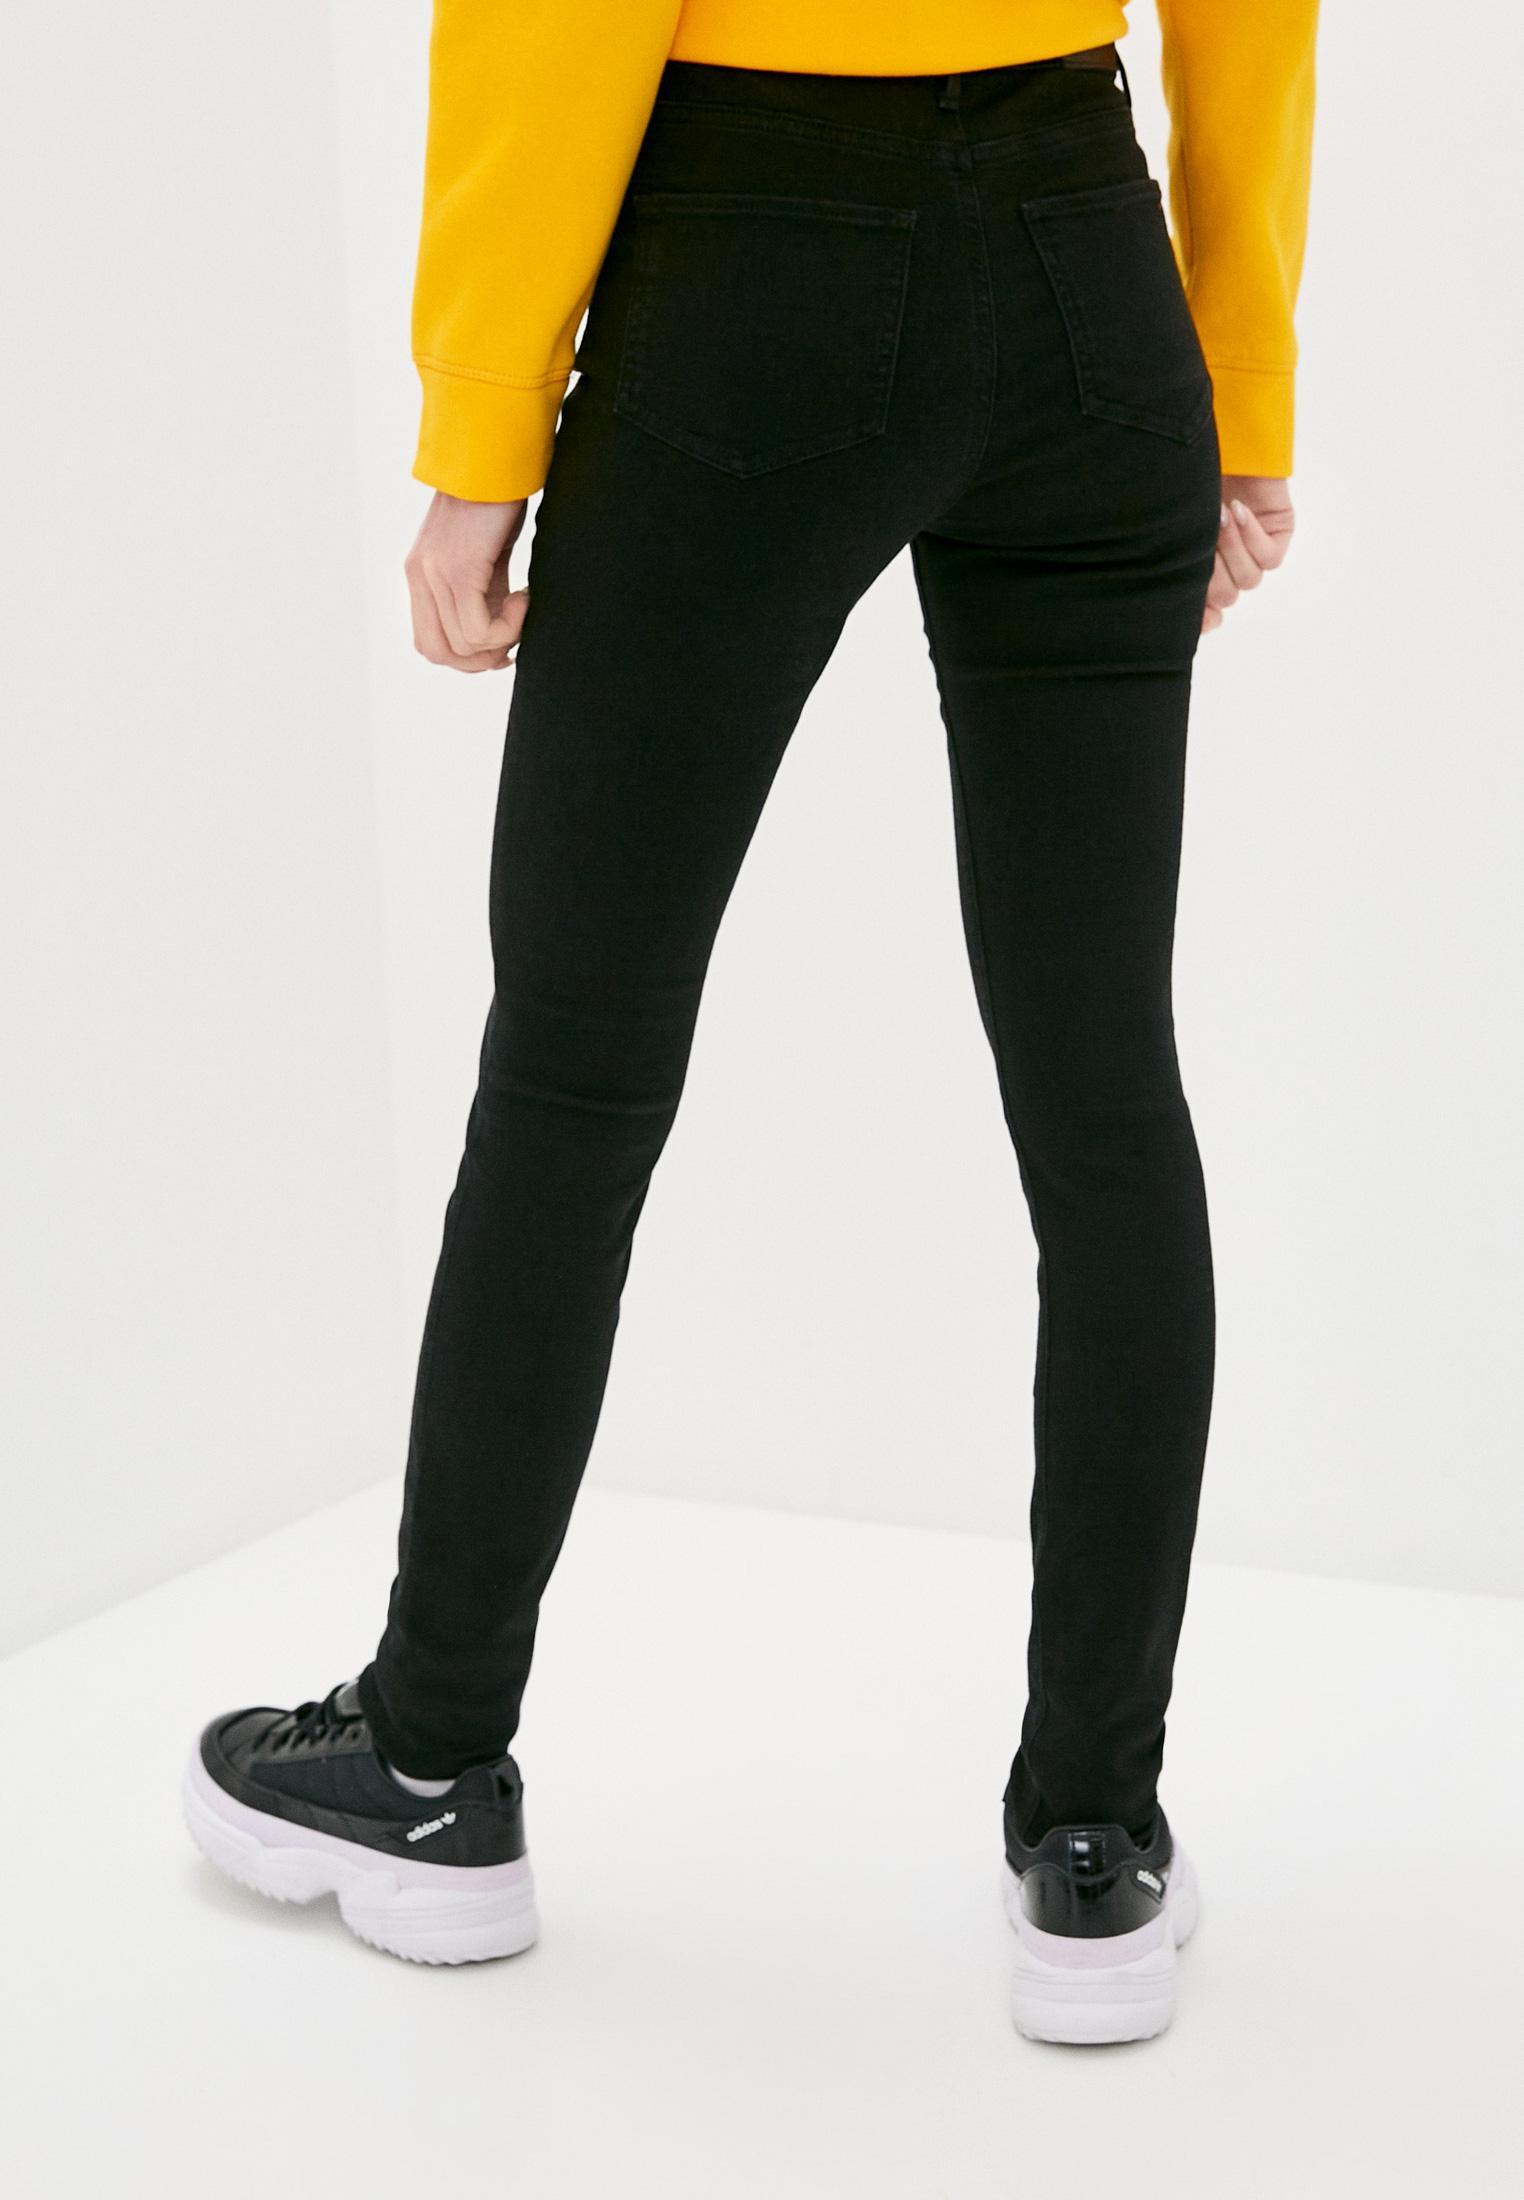 Зауженные джинсы Tommy Hilfiger (Томми Хилфигер) WW0WW26465: изображение 3